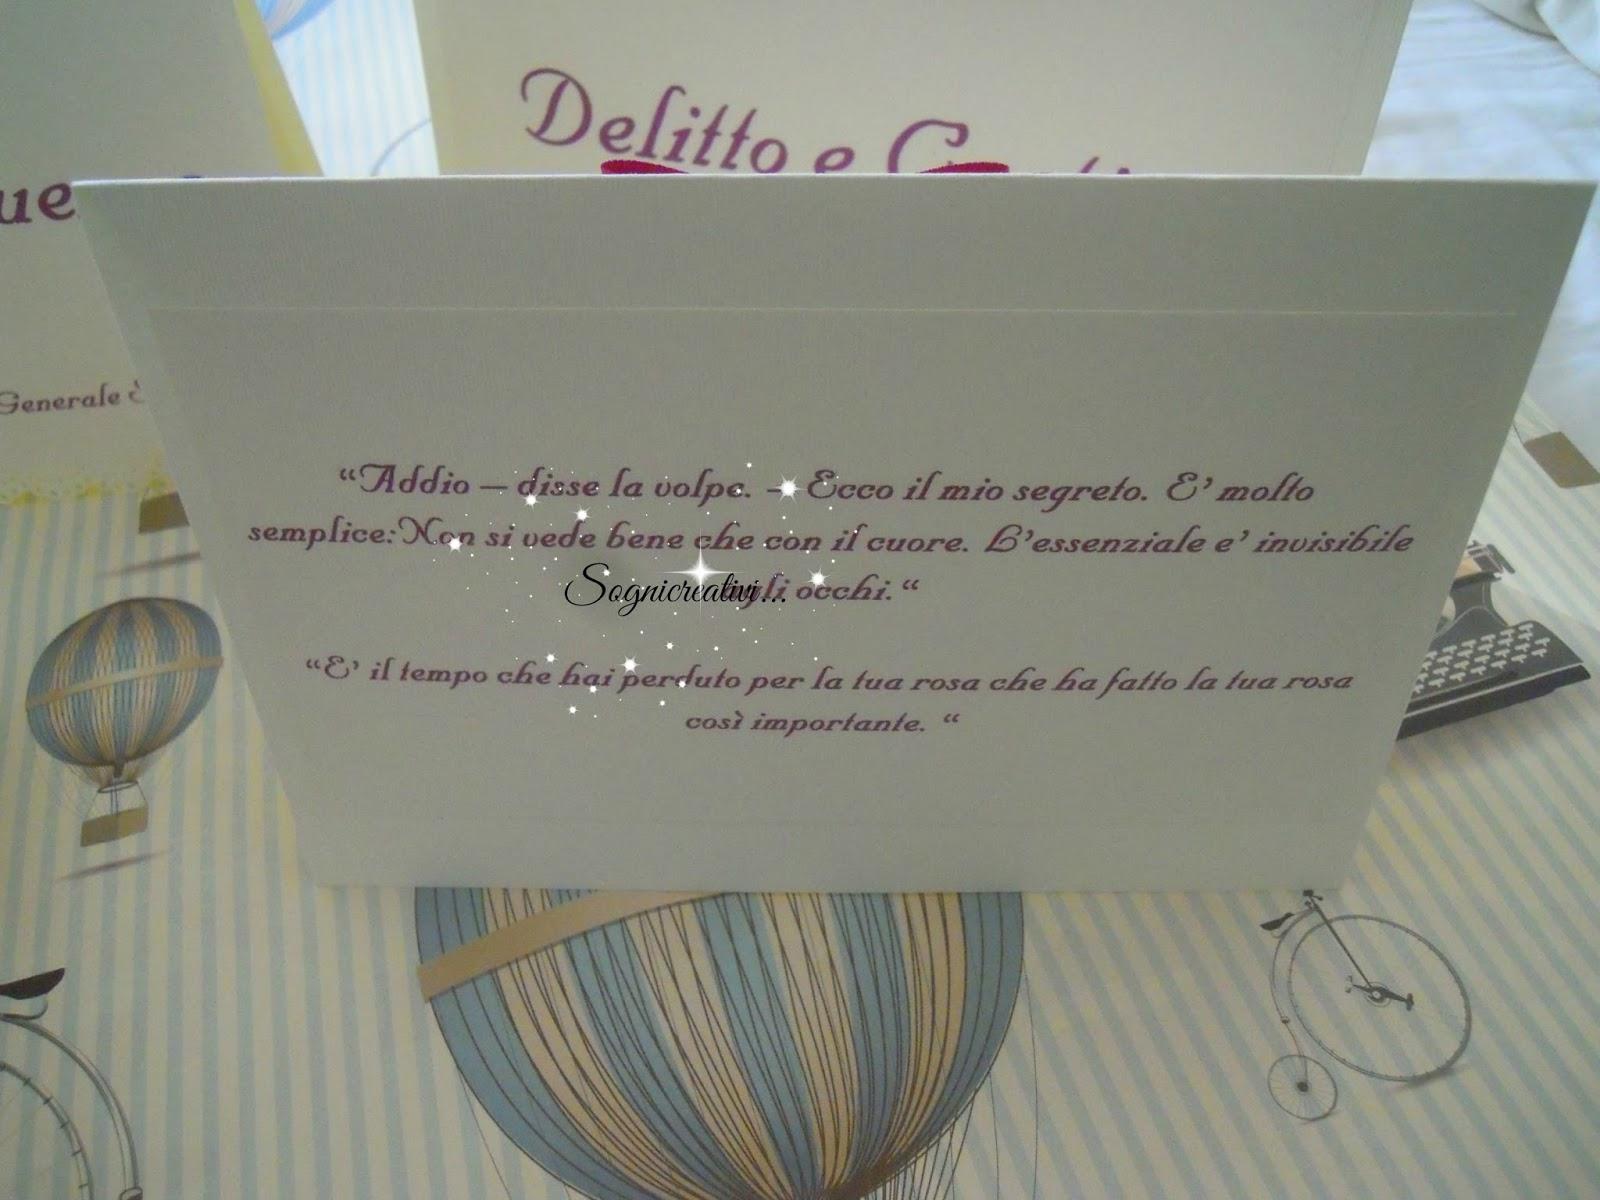 Auguri Di Matrimonio Oscar Wilde Quotes Immagine Con Frase Amore Di